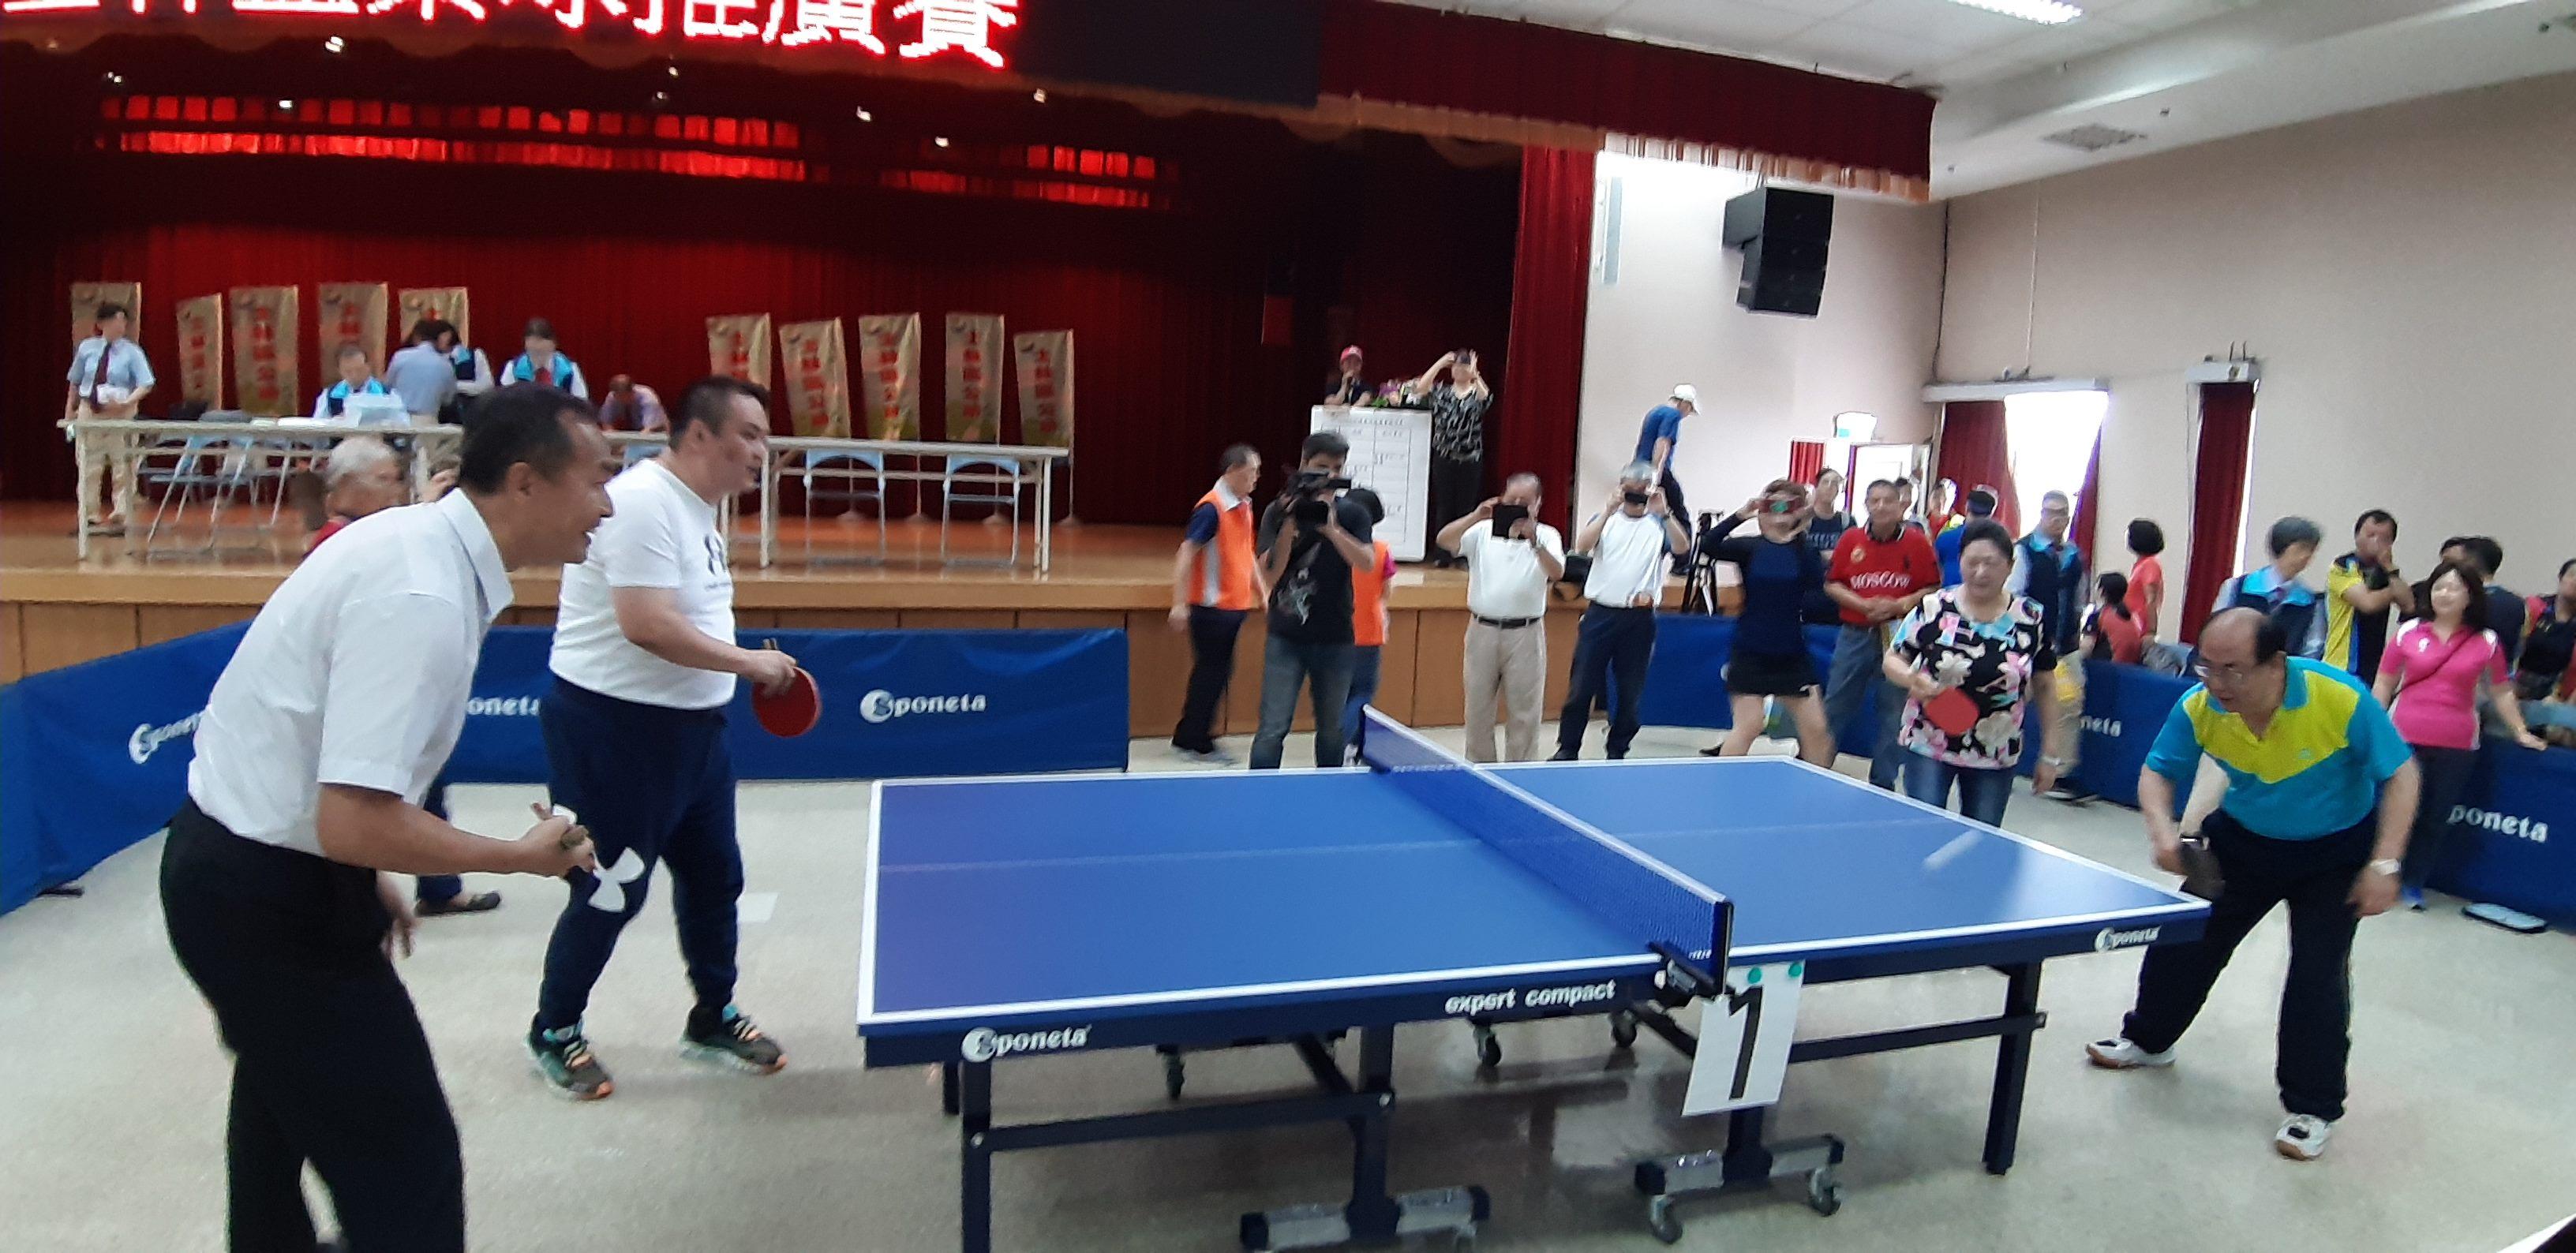 江慶輝區長、陳玉華理事長及體育局李再立局長、陳重文議員共同開球